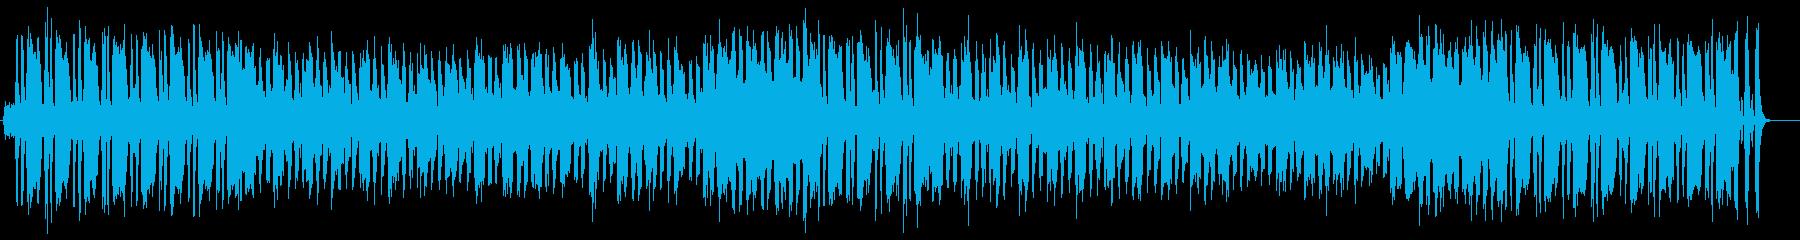 明るく元気で広がりのあるポップな曲の再生済みの波形